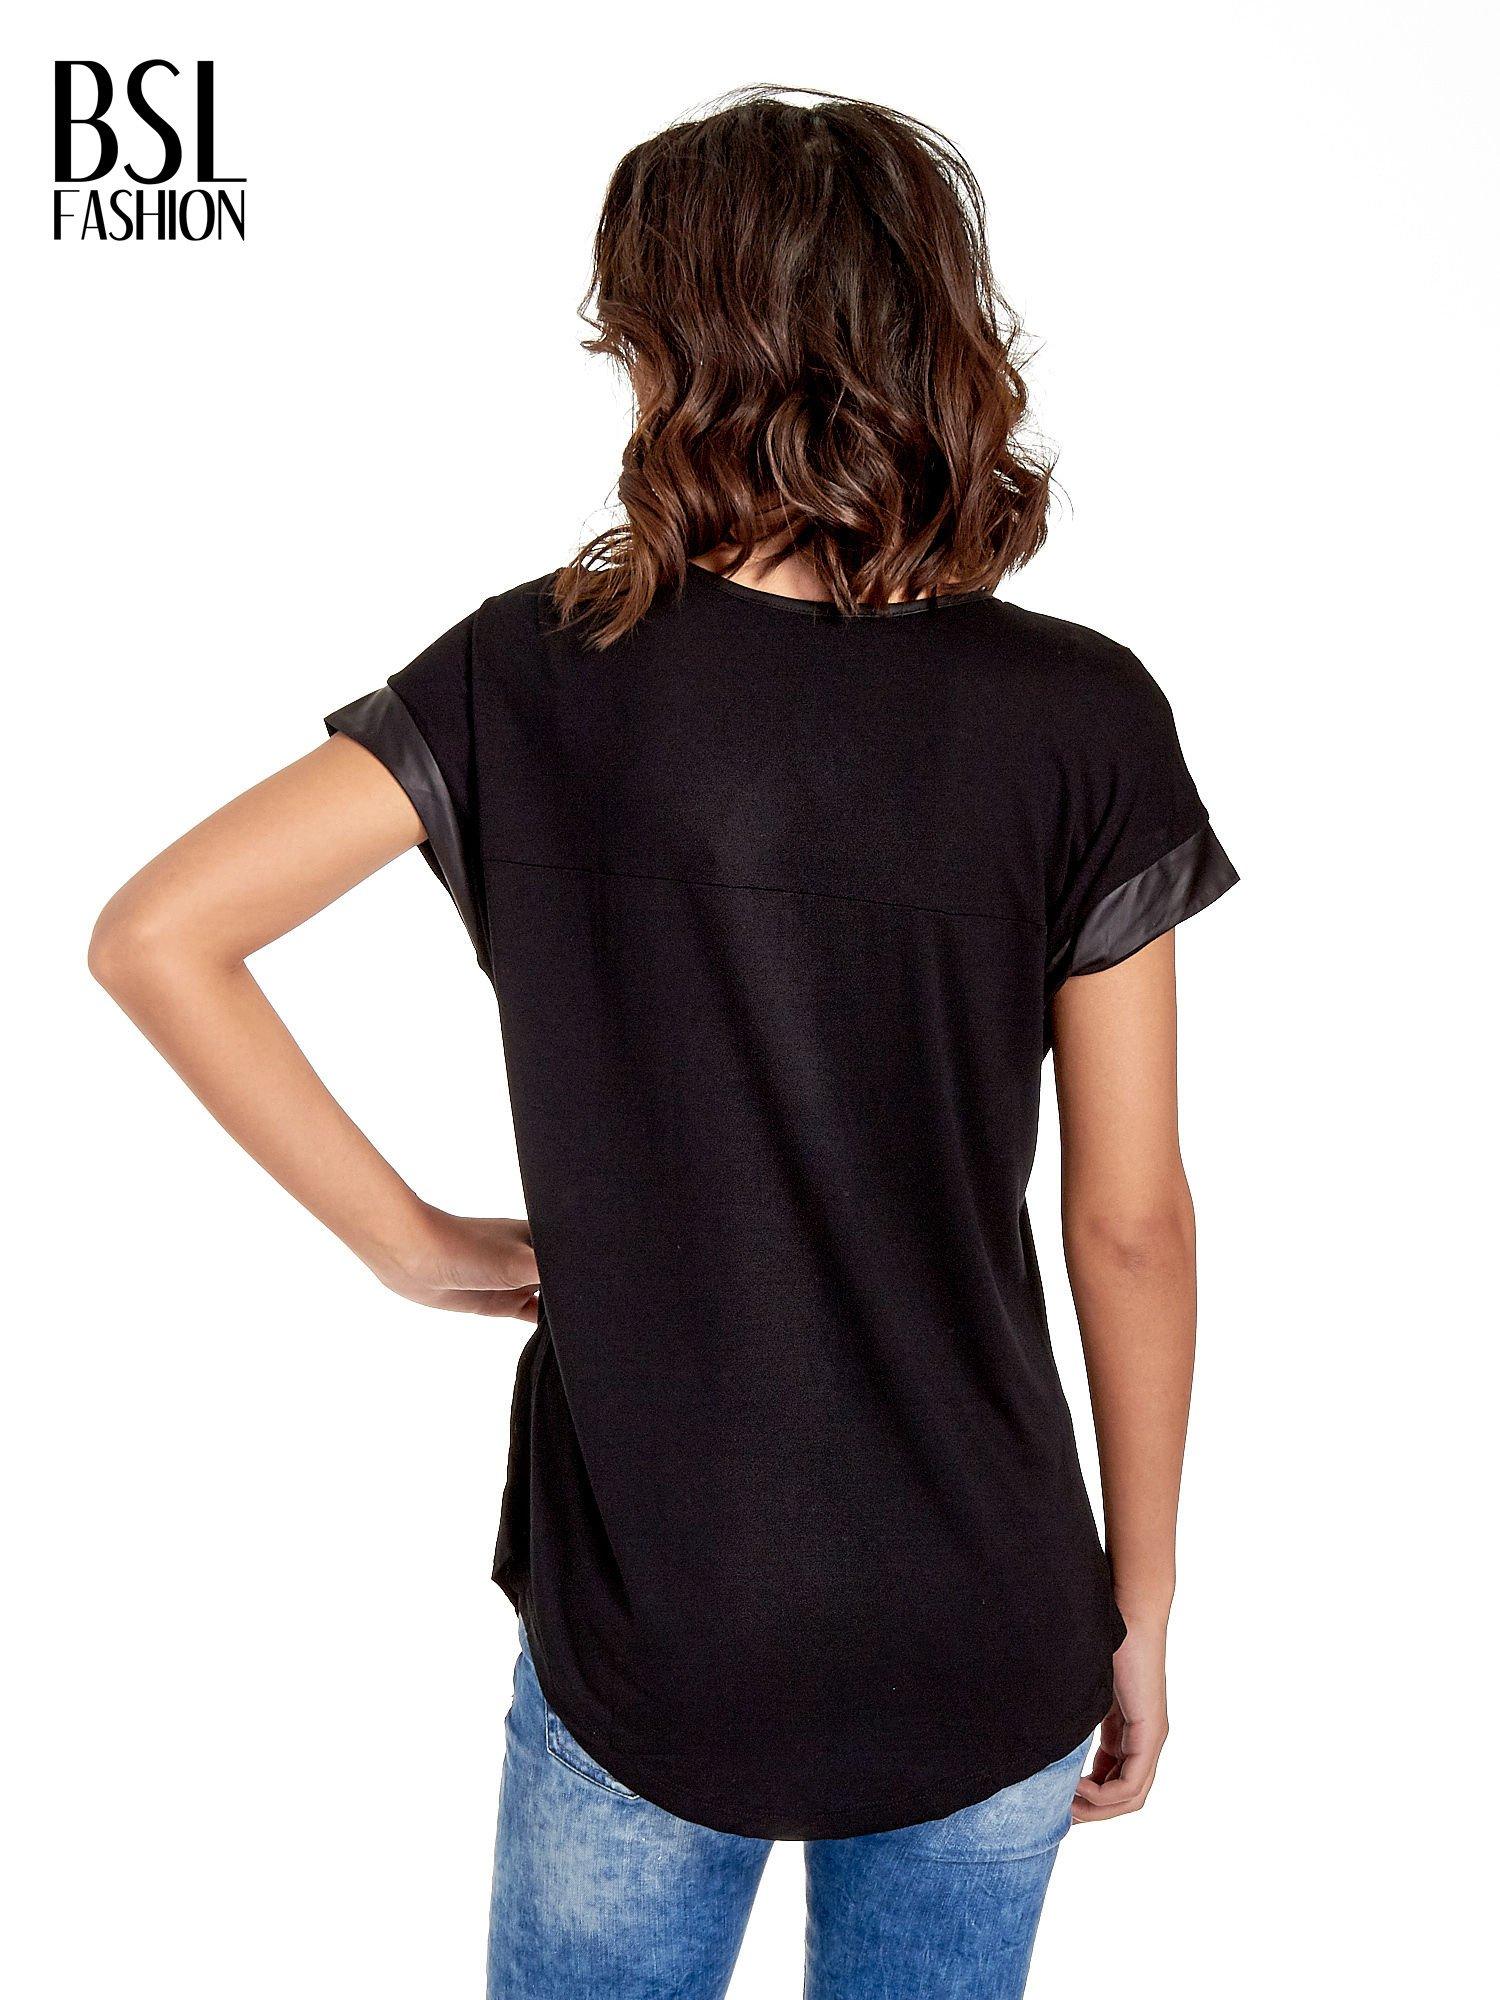 Czarny t-shirt z fotografią w stylu vintage i skórzanymi wstawkami przy rękawach                                  zdj.                                  4